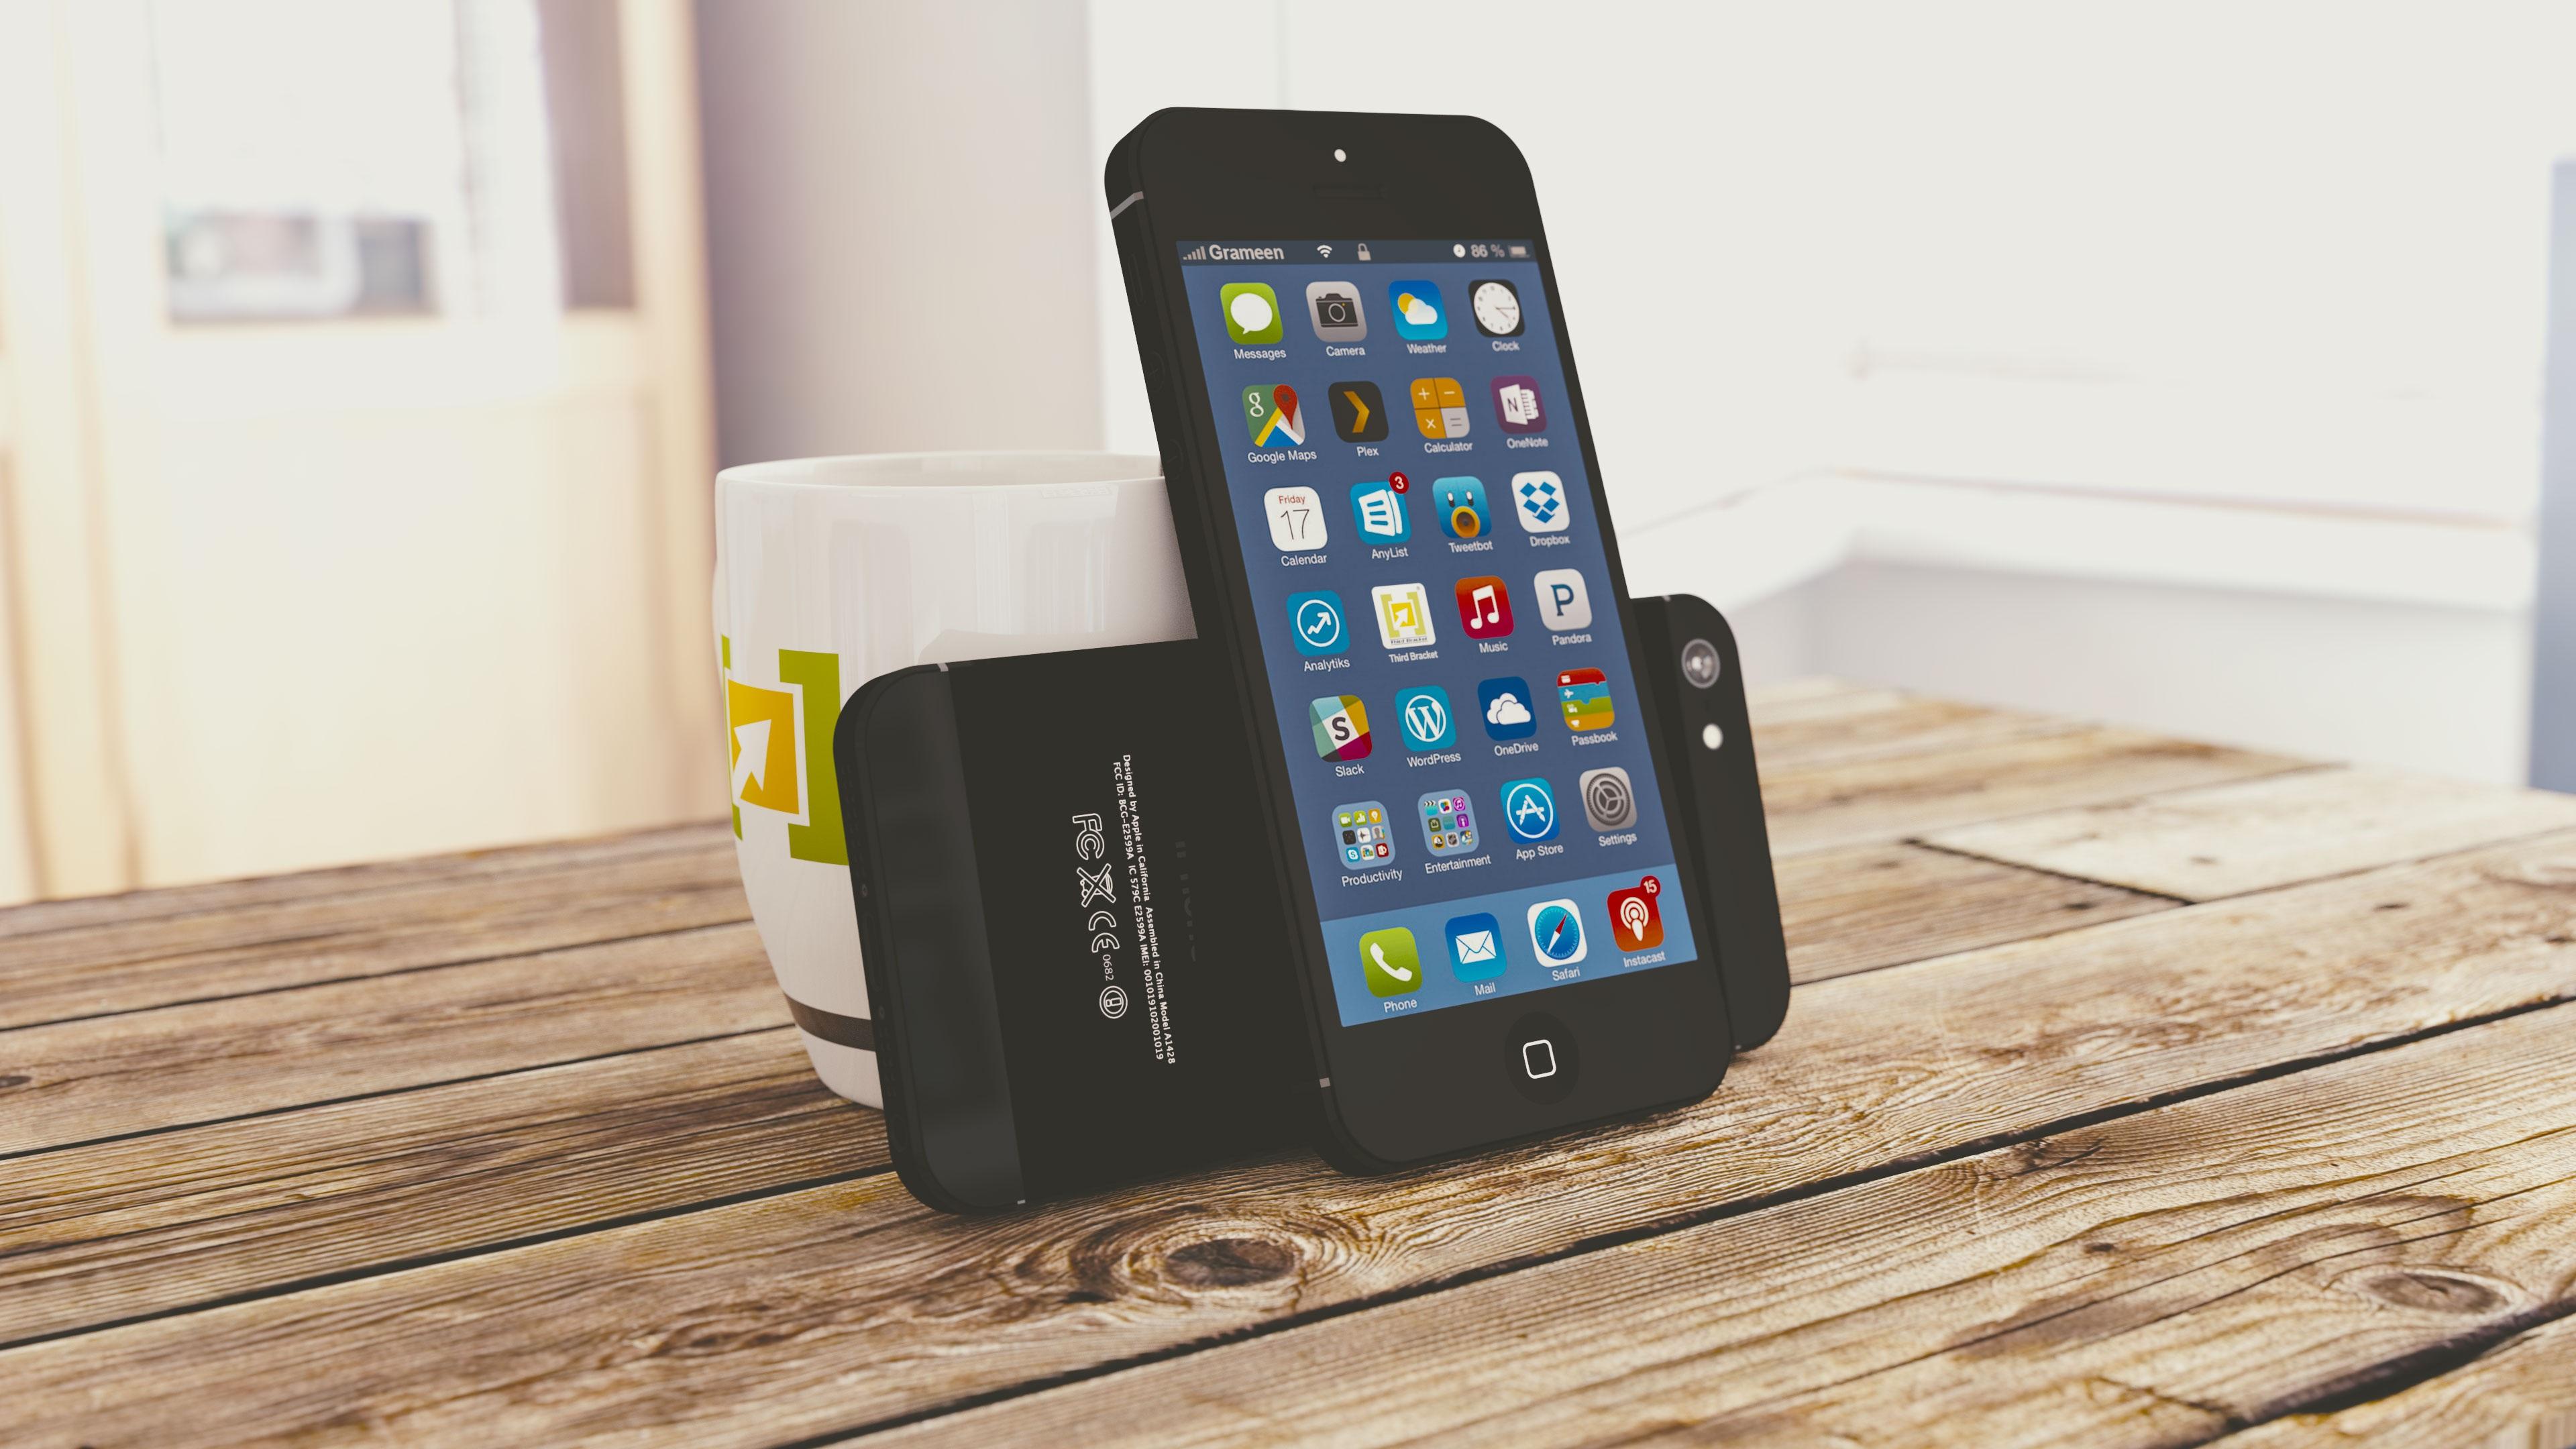 Šta nosivu tehnologiju čini modernom?